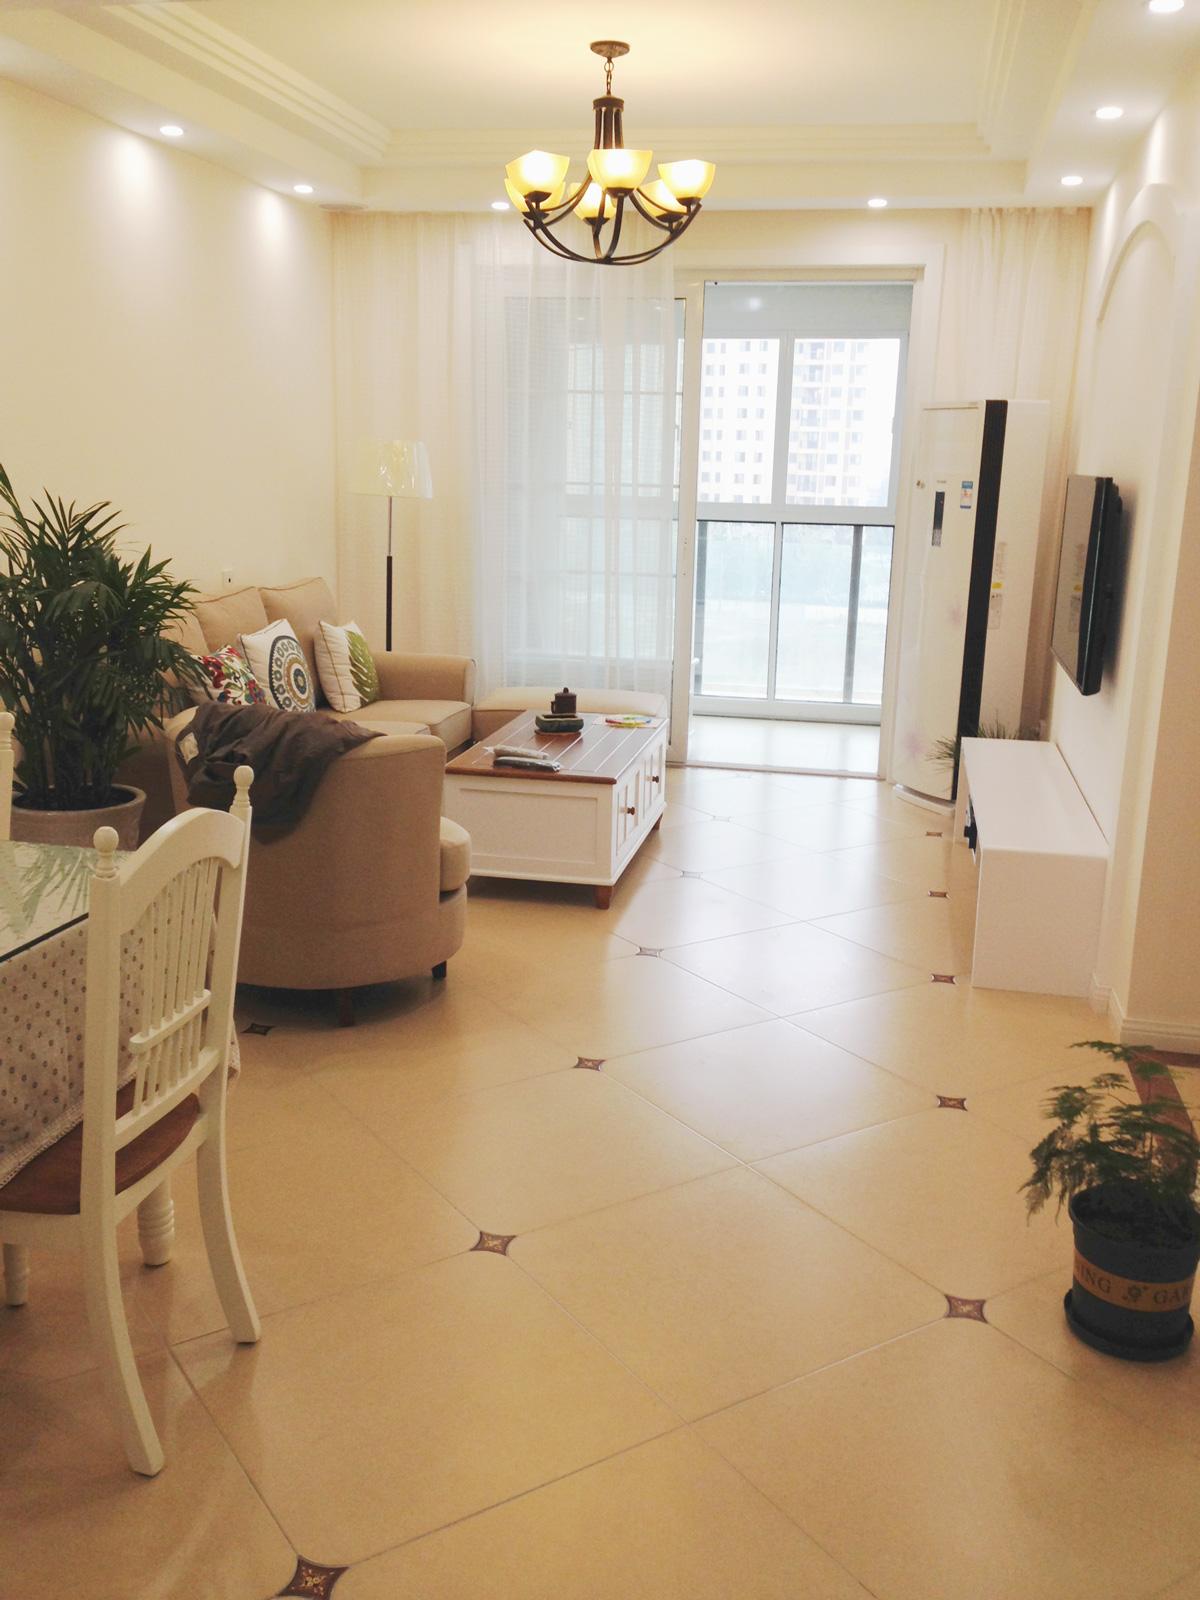 98m²三室二厅:我家从装修到入住只用了不到5个月时间 案例 第4张